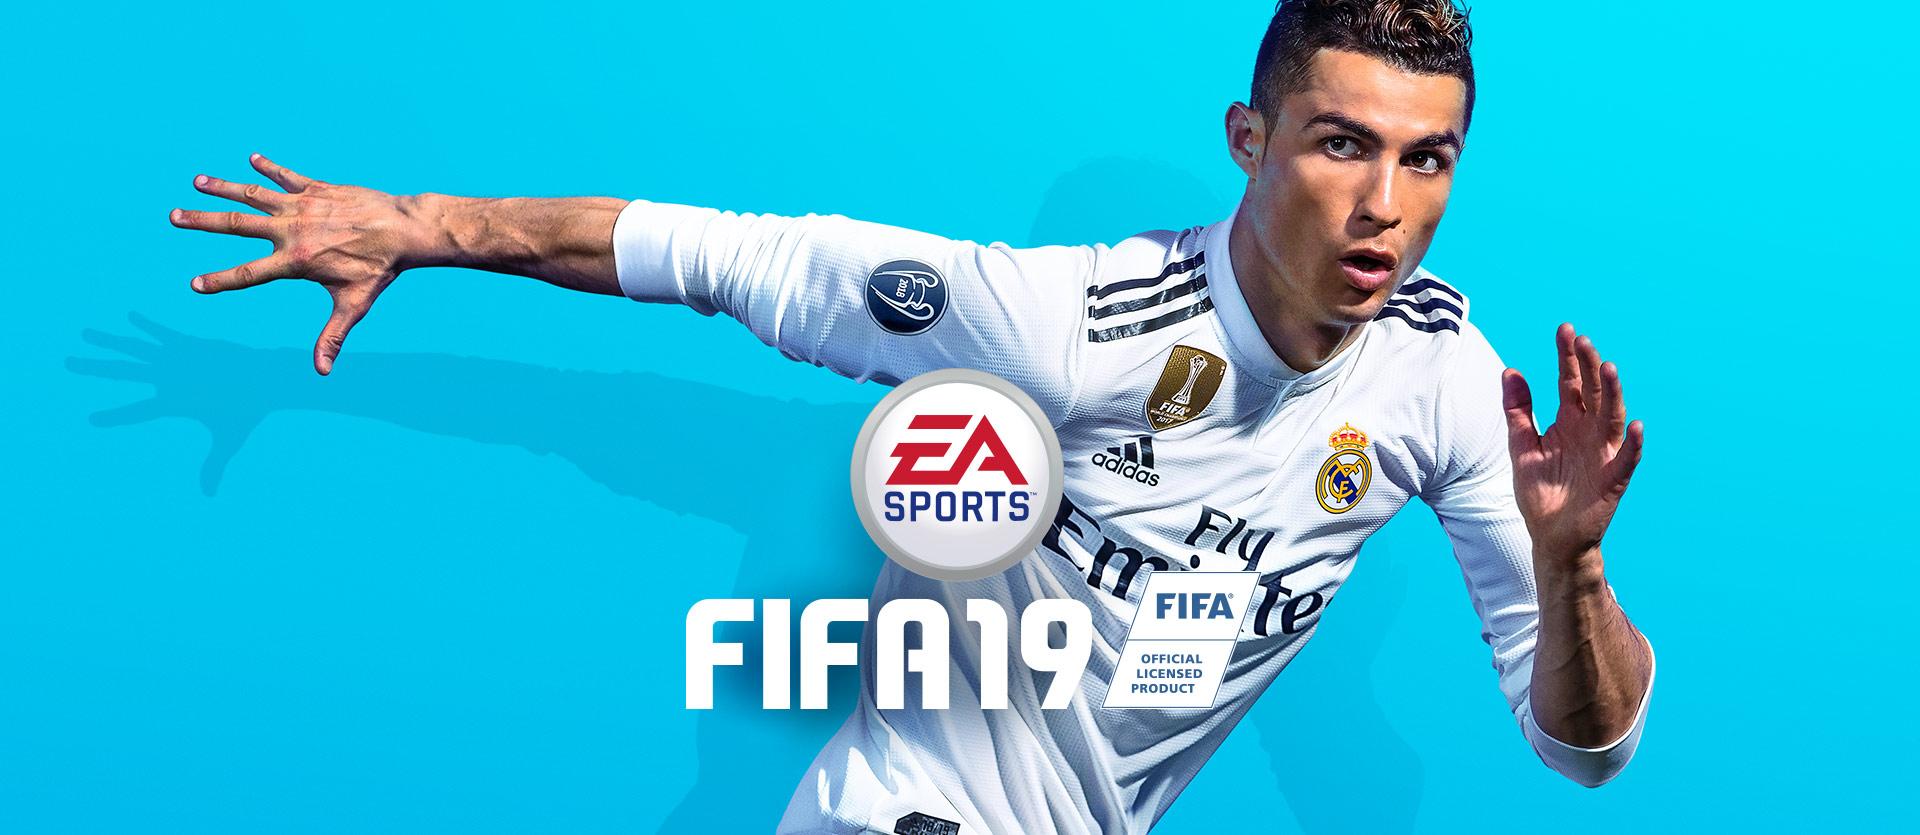 EA Sports FIFA 19, Cristiano Ronaldo, der løber